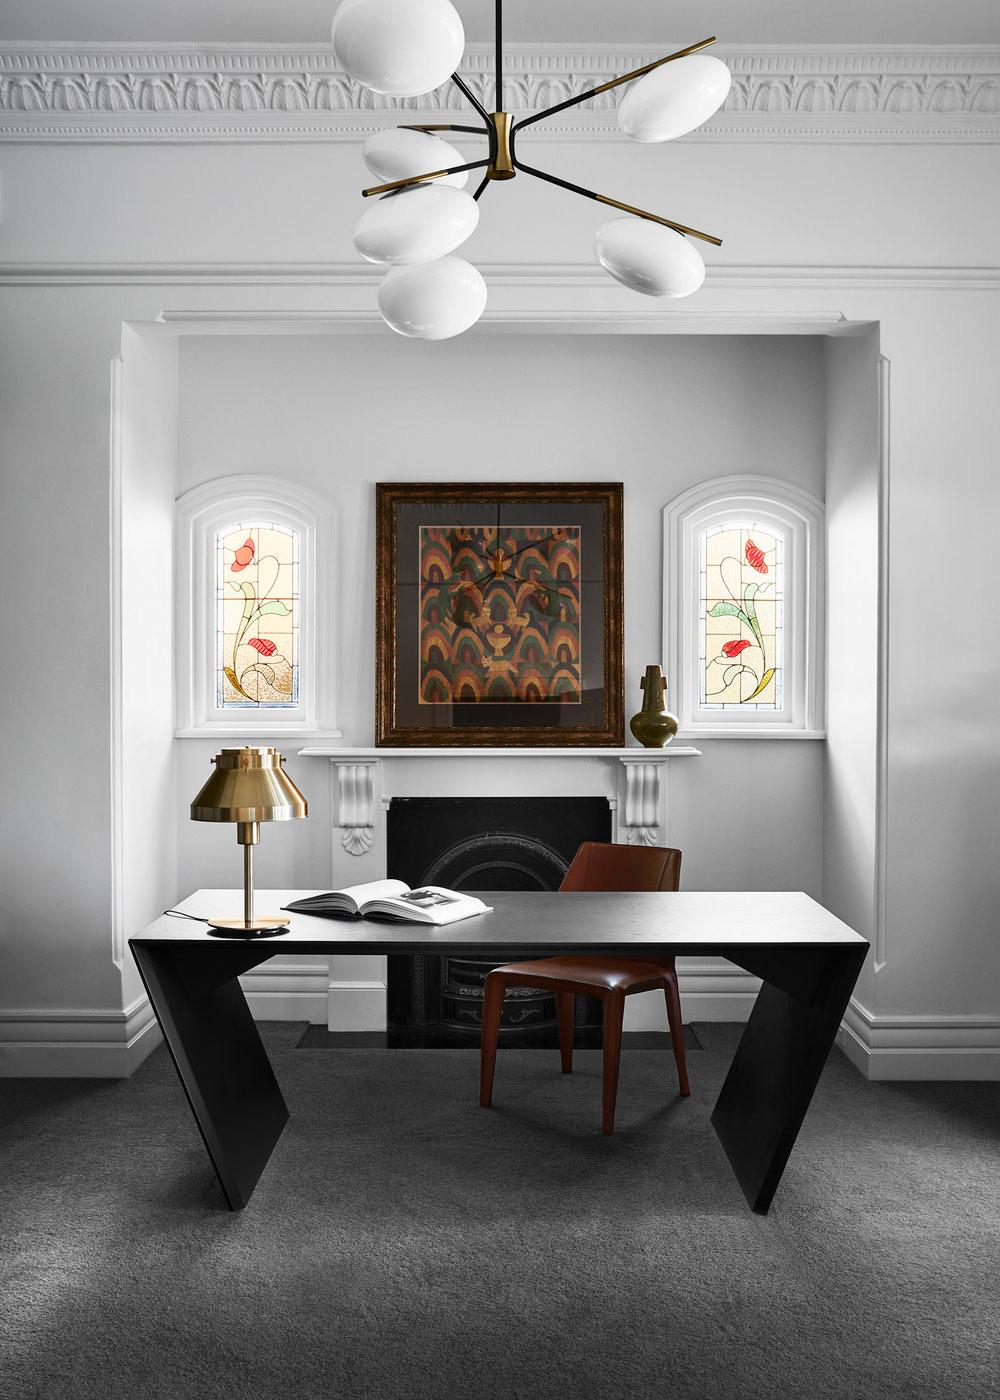 萨斯菲尔德之家 | Watts Studio